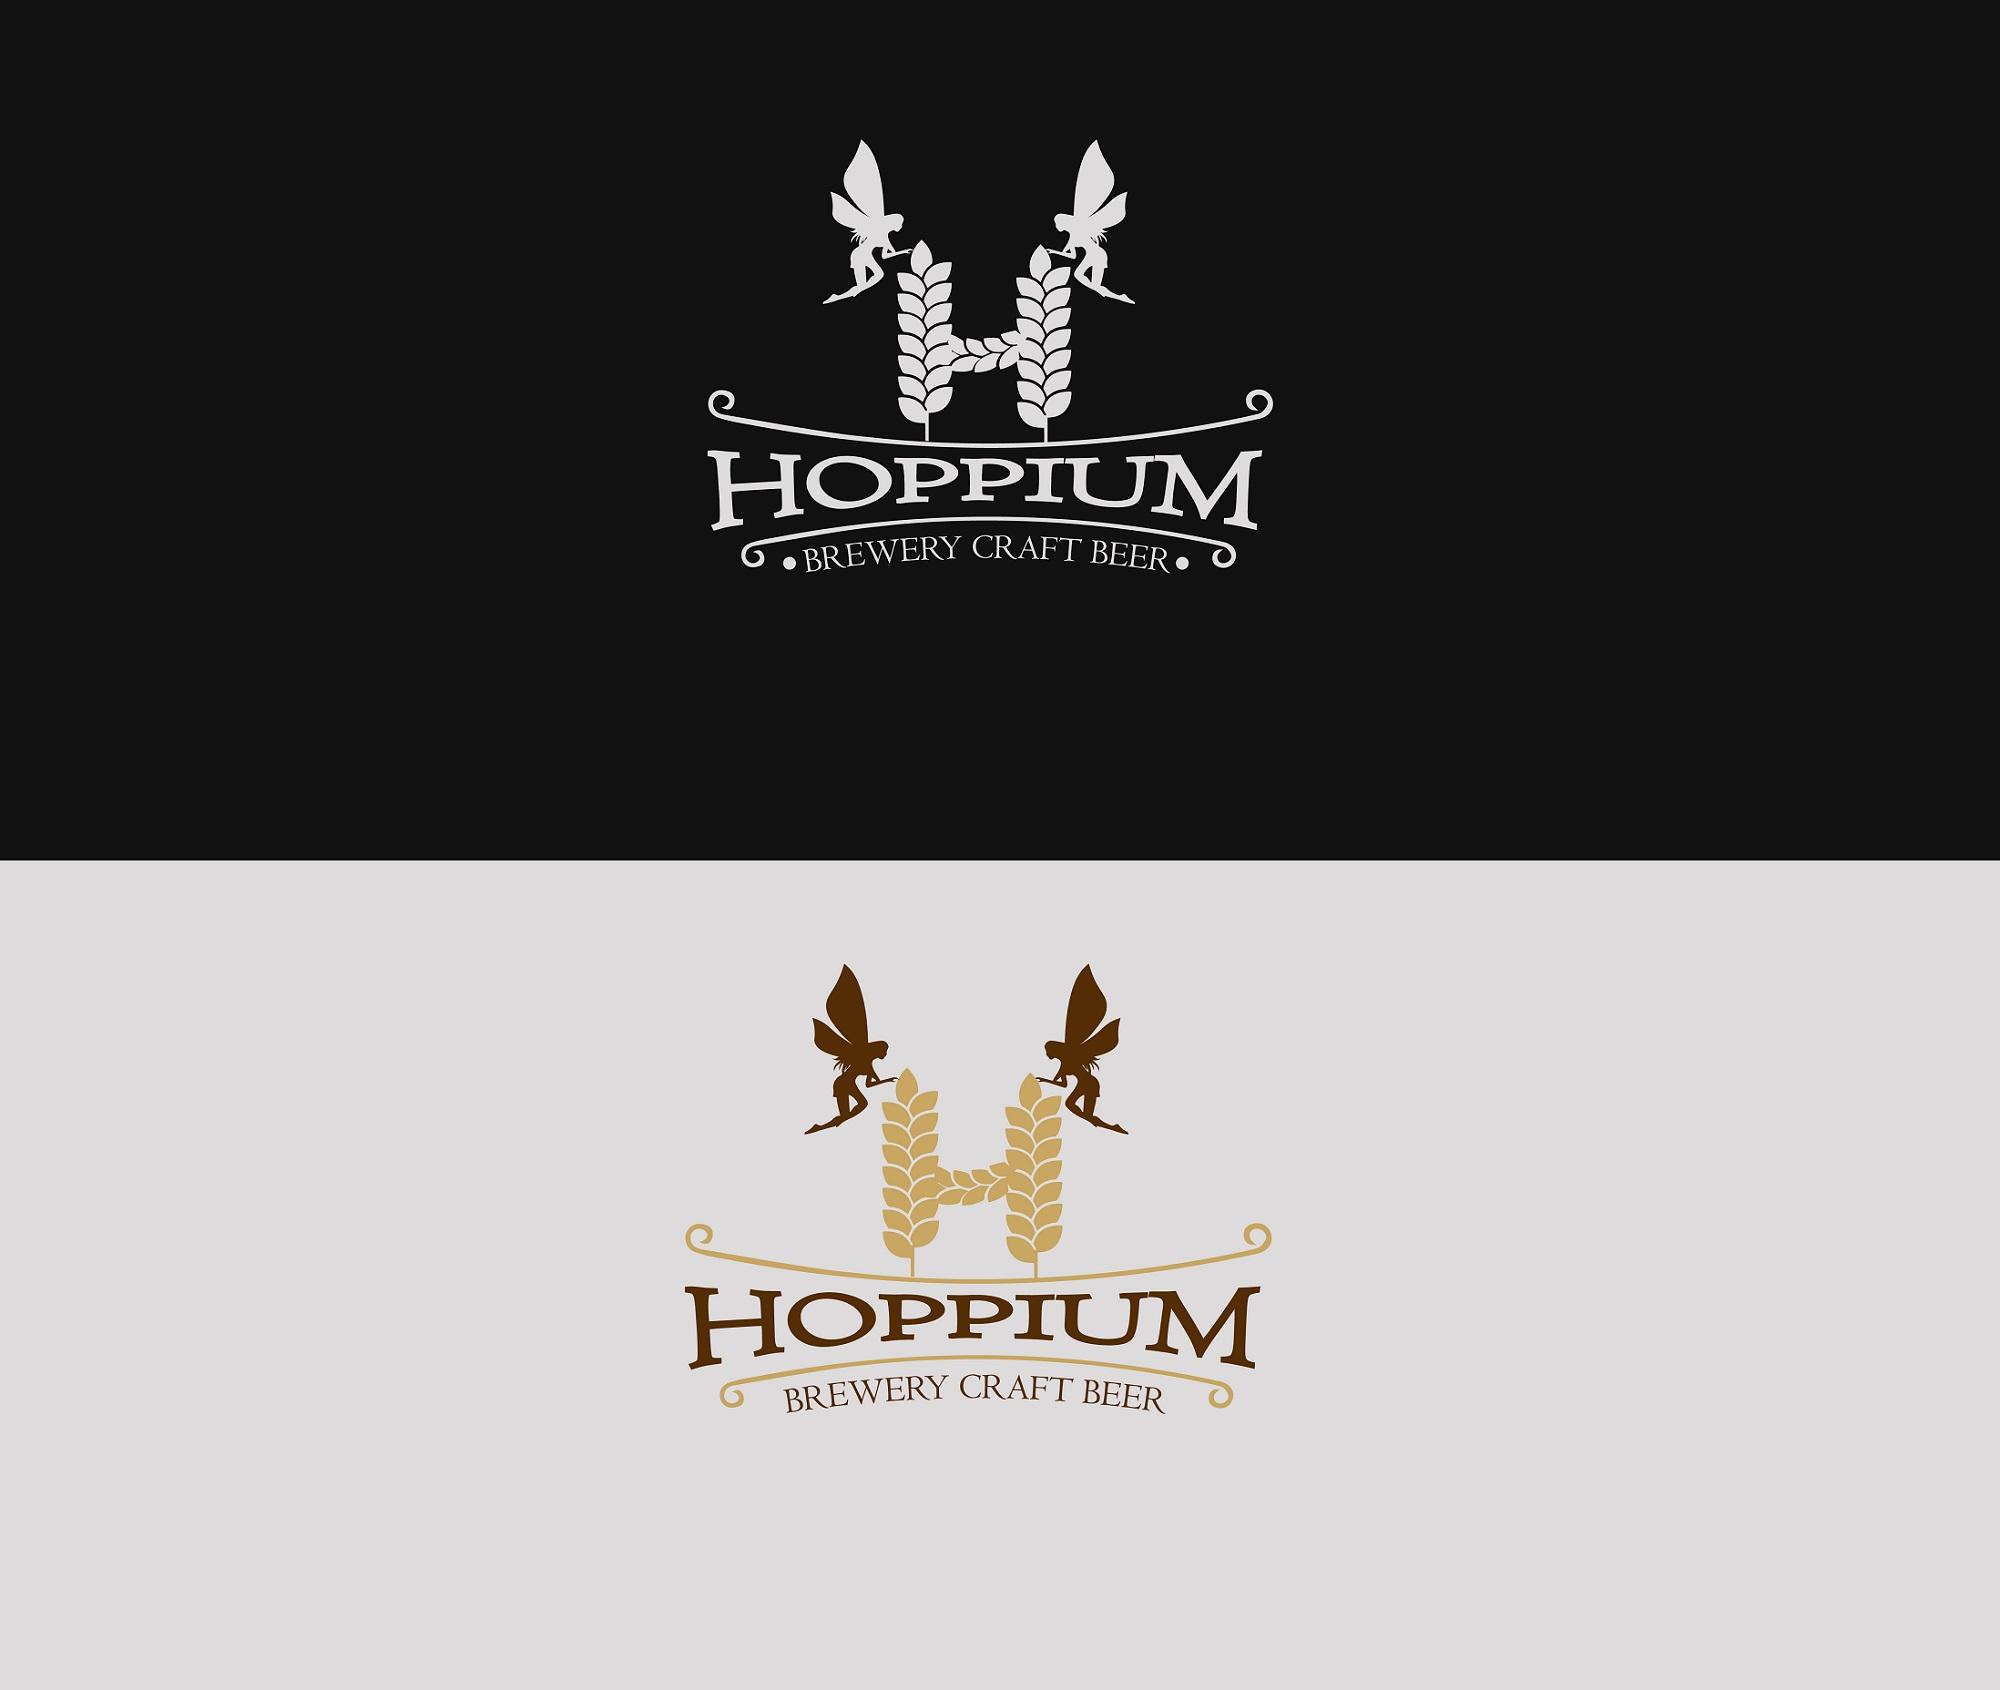 Логотип + Ценники для подмосковной крафтовой пивоварни фото f_7795dc4756b2fe4a.jpg